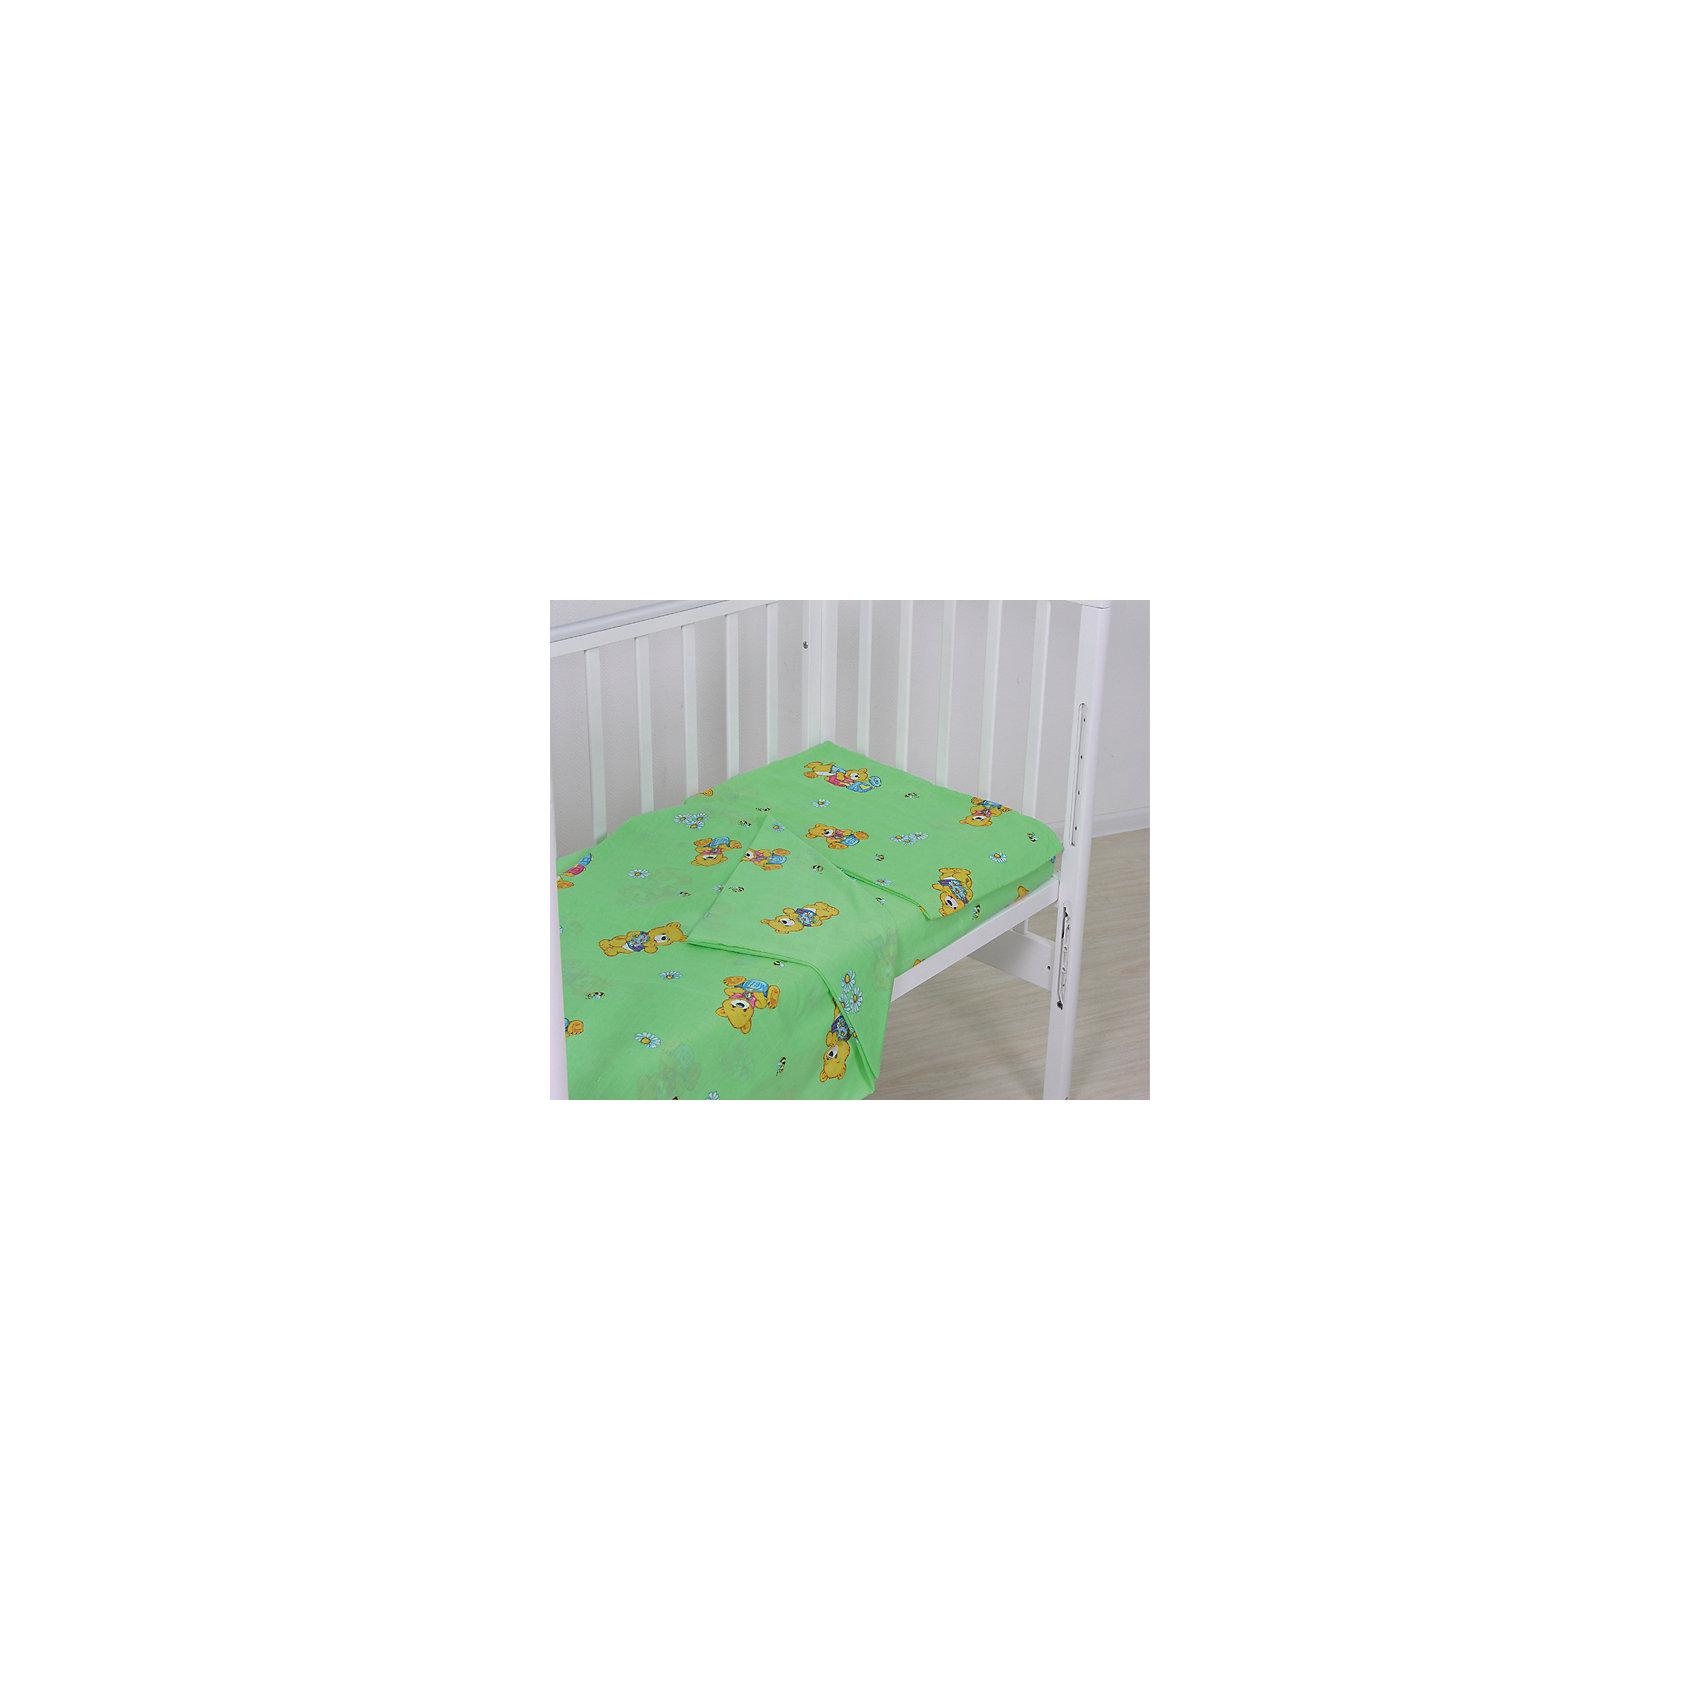 Наволочка Мишки 40х60 Фея, зеленыйПостельное бельё<br>Наволочка выполнена из высококачественного гипоаллергенного материала  материала приятного к телу и безопасного для детей. Изделие имеет приятную расцветку, декорировано милым принтом: может подойти к белью различной расцветки. <br><br>Дополнительная информация:<br><br>- Материал: хлопок 100%.<br>- Размер: 40х60 см. <br>- Цвет: зеленый.<br>- Декоративные элементы: принт.<br><br>Наволочку Мишки 40х60 Фея, зеленую, можно купить в нашем магазине.<br><br>Ширина мм: 50<br>Глубина мм: 400<br>Высота мм: 400<br>Вес г: 100<br>Возраст от месяцев: 0<br>Возраст до месяцев: 36<br>Пол: Унисекс<br>Возраст: Детский<br>SKU: 4067727